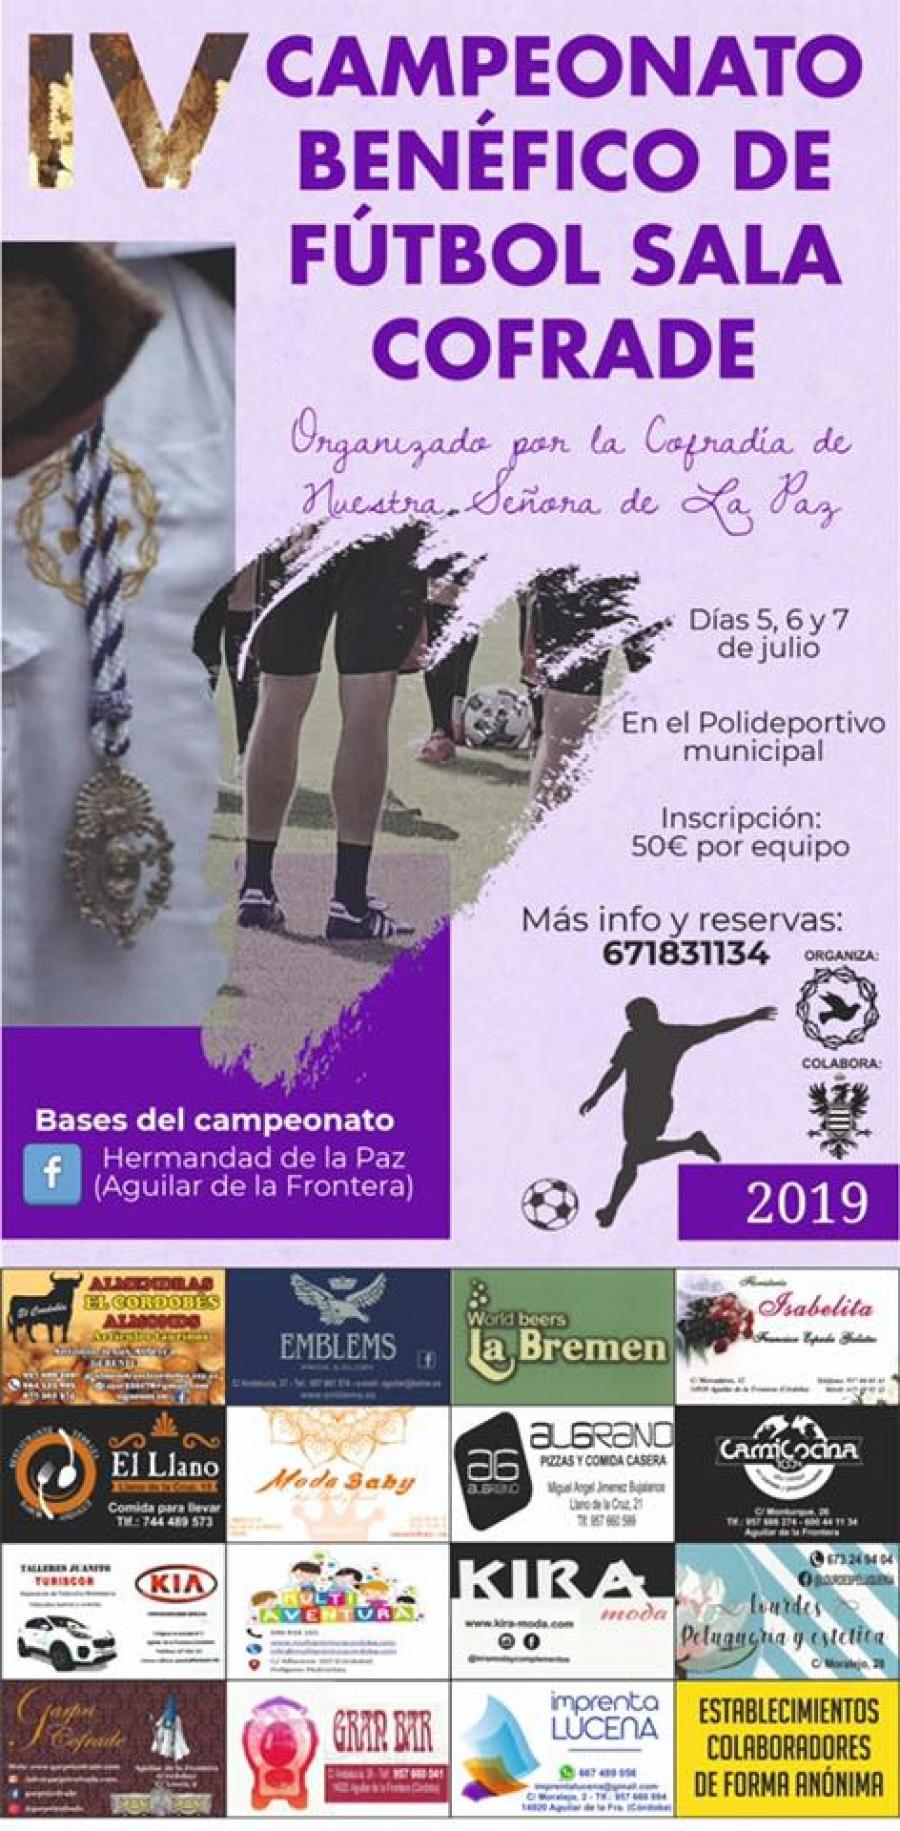 Este fin de semana se celebrará el IV Campeonato Benéfico de Fútbol Sala Cofrade